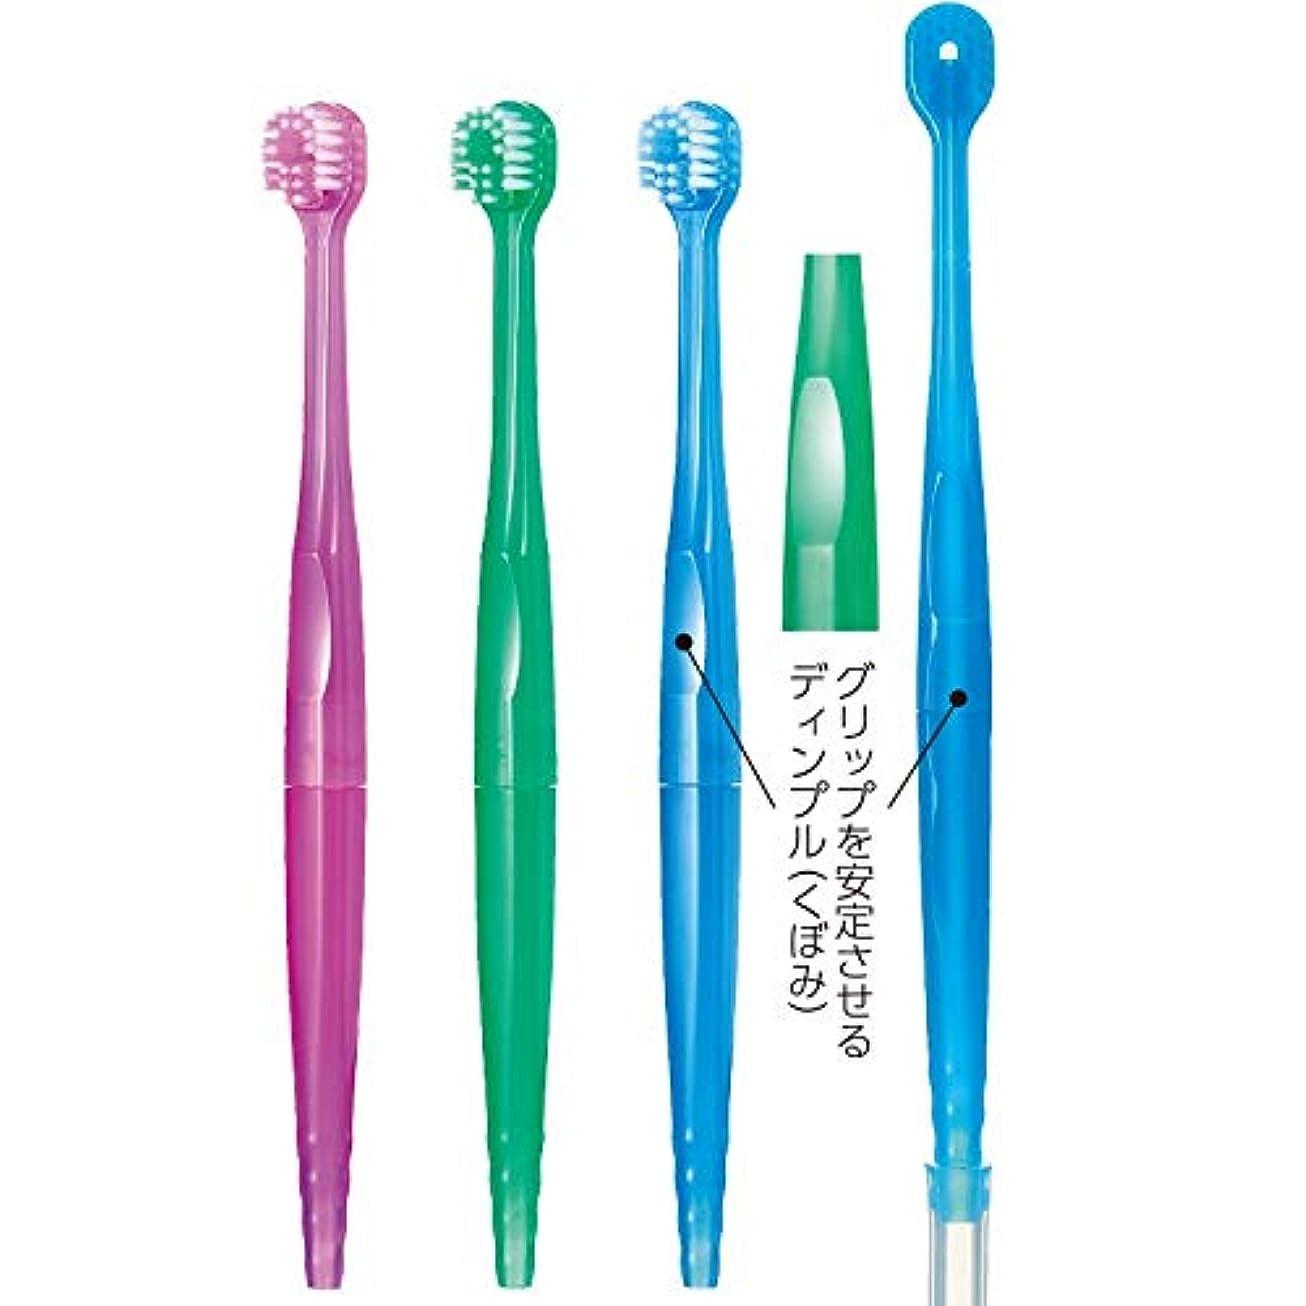 流すせがむ不忠Ci Qin歯ブラシ(吸引歯ブラシ) /12本